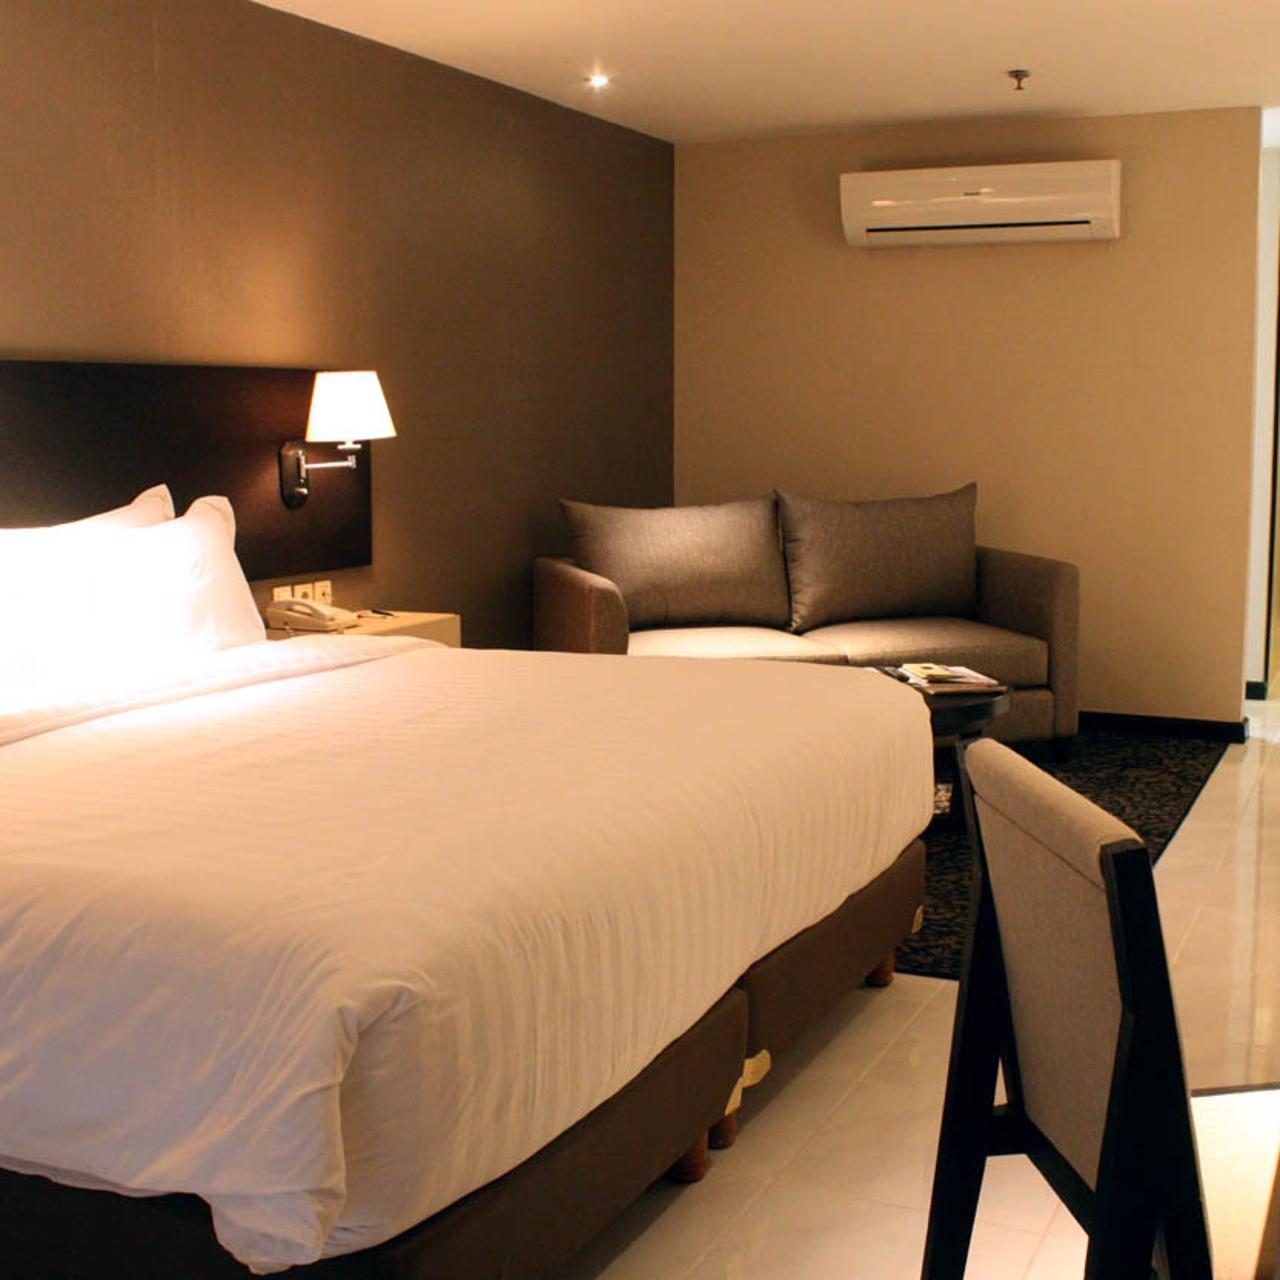 Kristal Hotel 4 Hrs Star Hotel In Jakarta